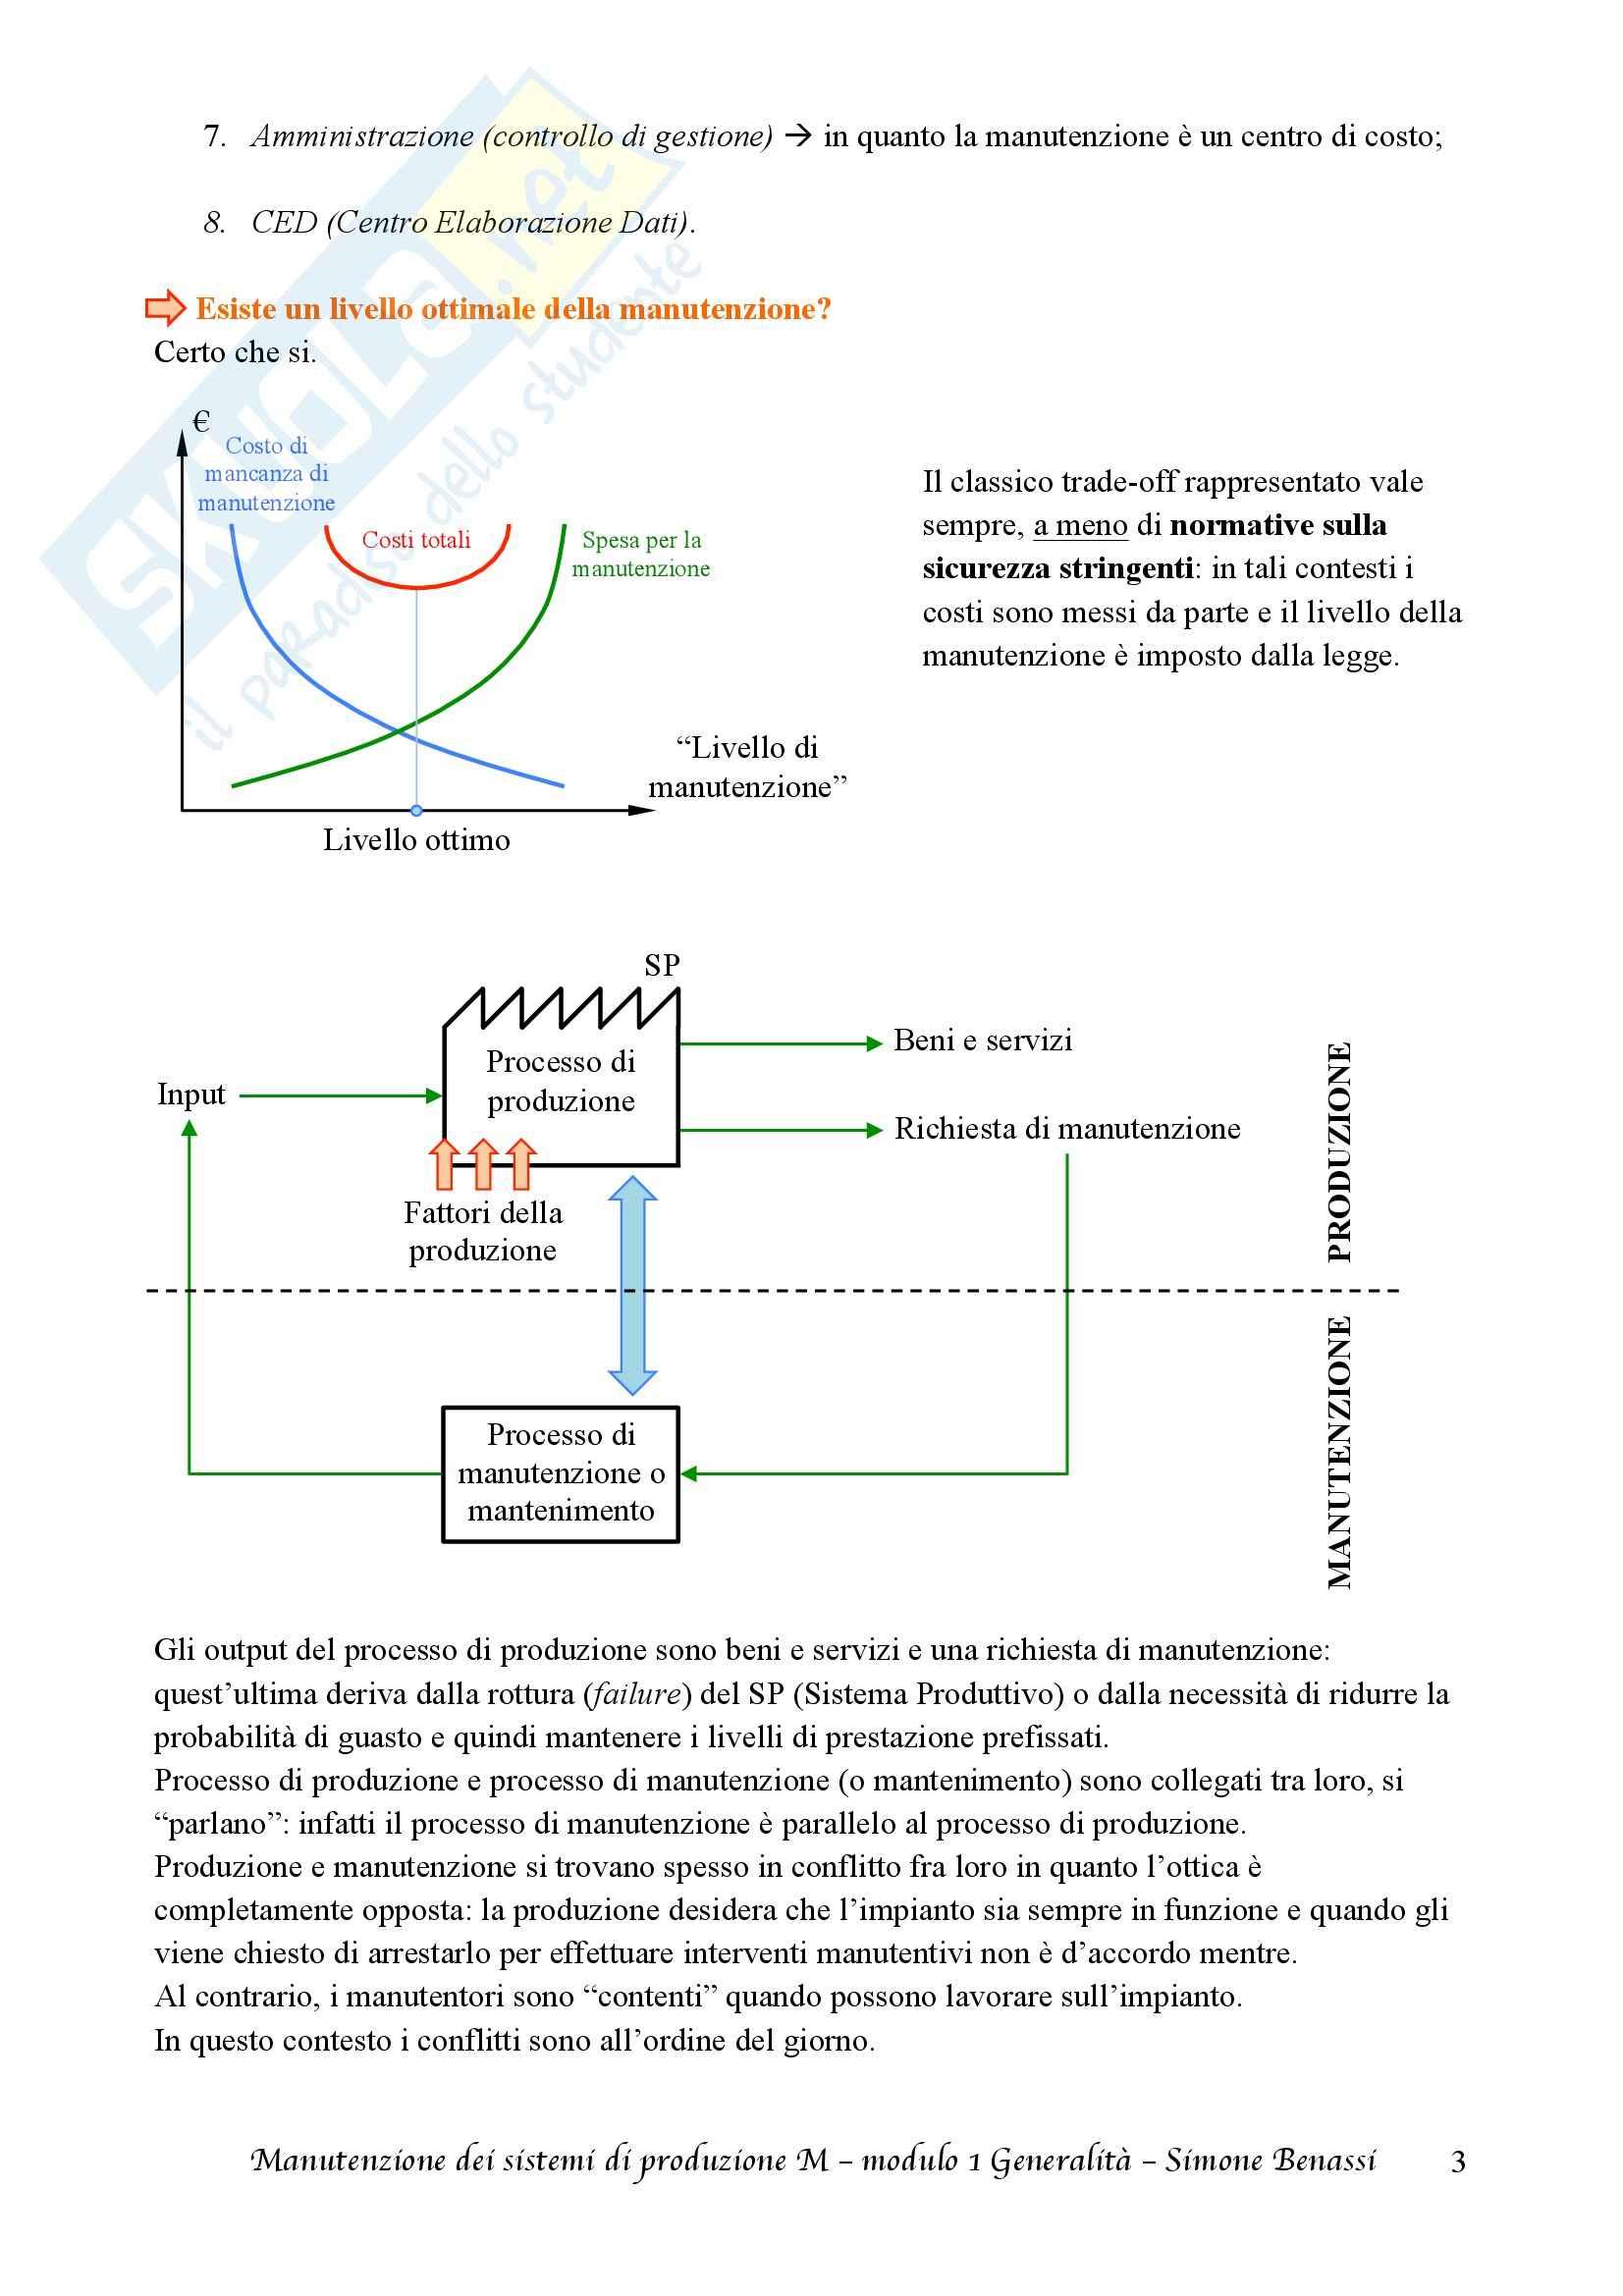 Lezioni, Manutenzione dei sistemi di produzione M Pag. 6